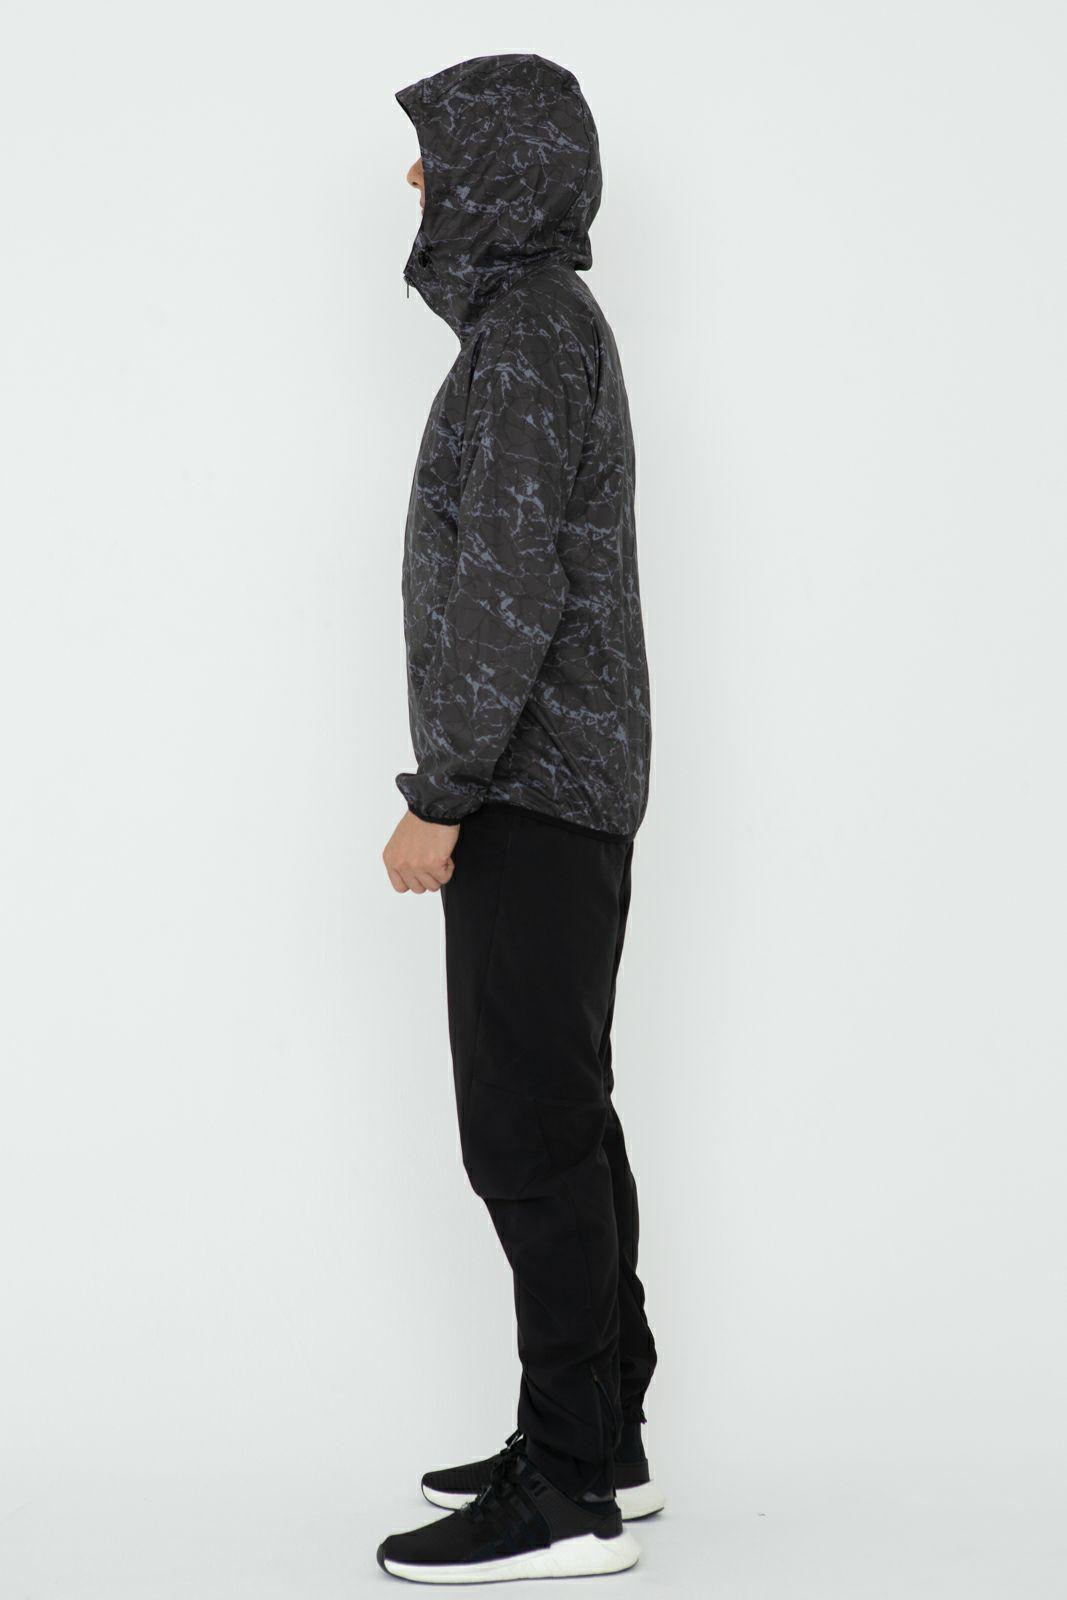 着用イメージ [男性モデルのサイズ]身長:174cm 着用サイズ:L